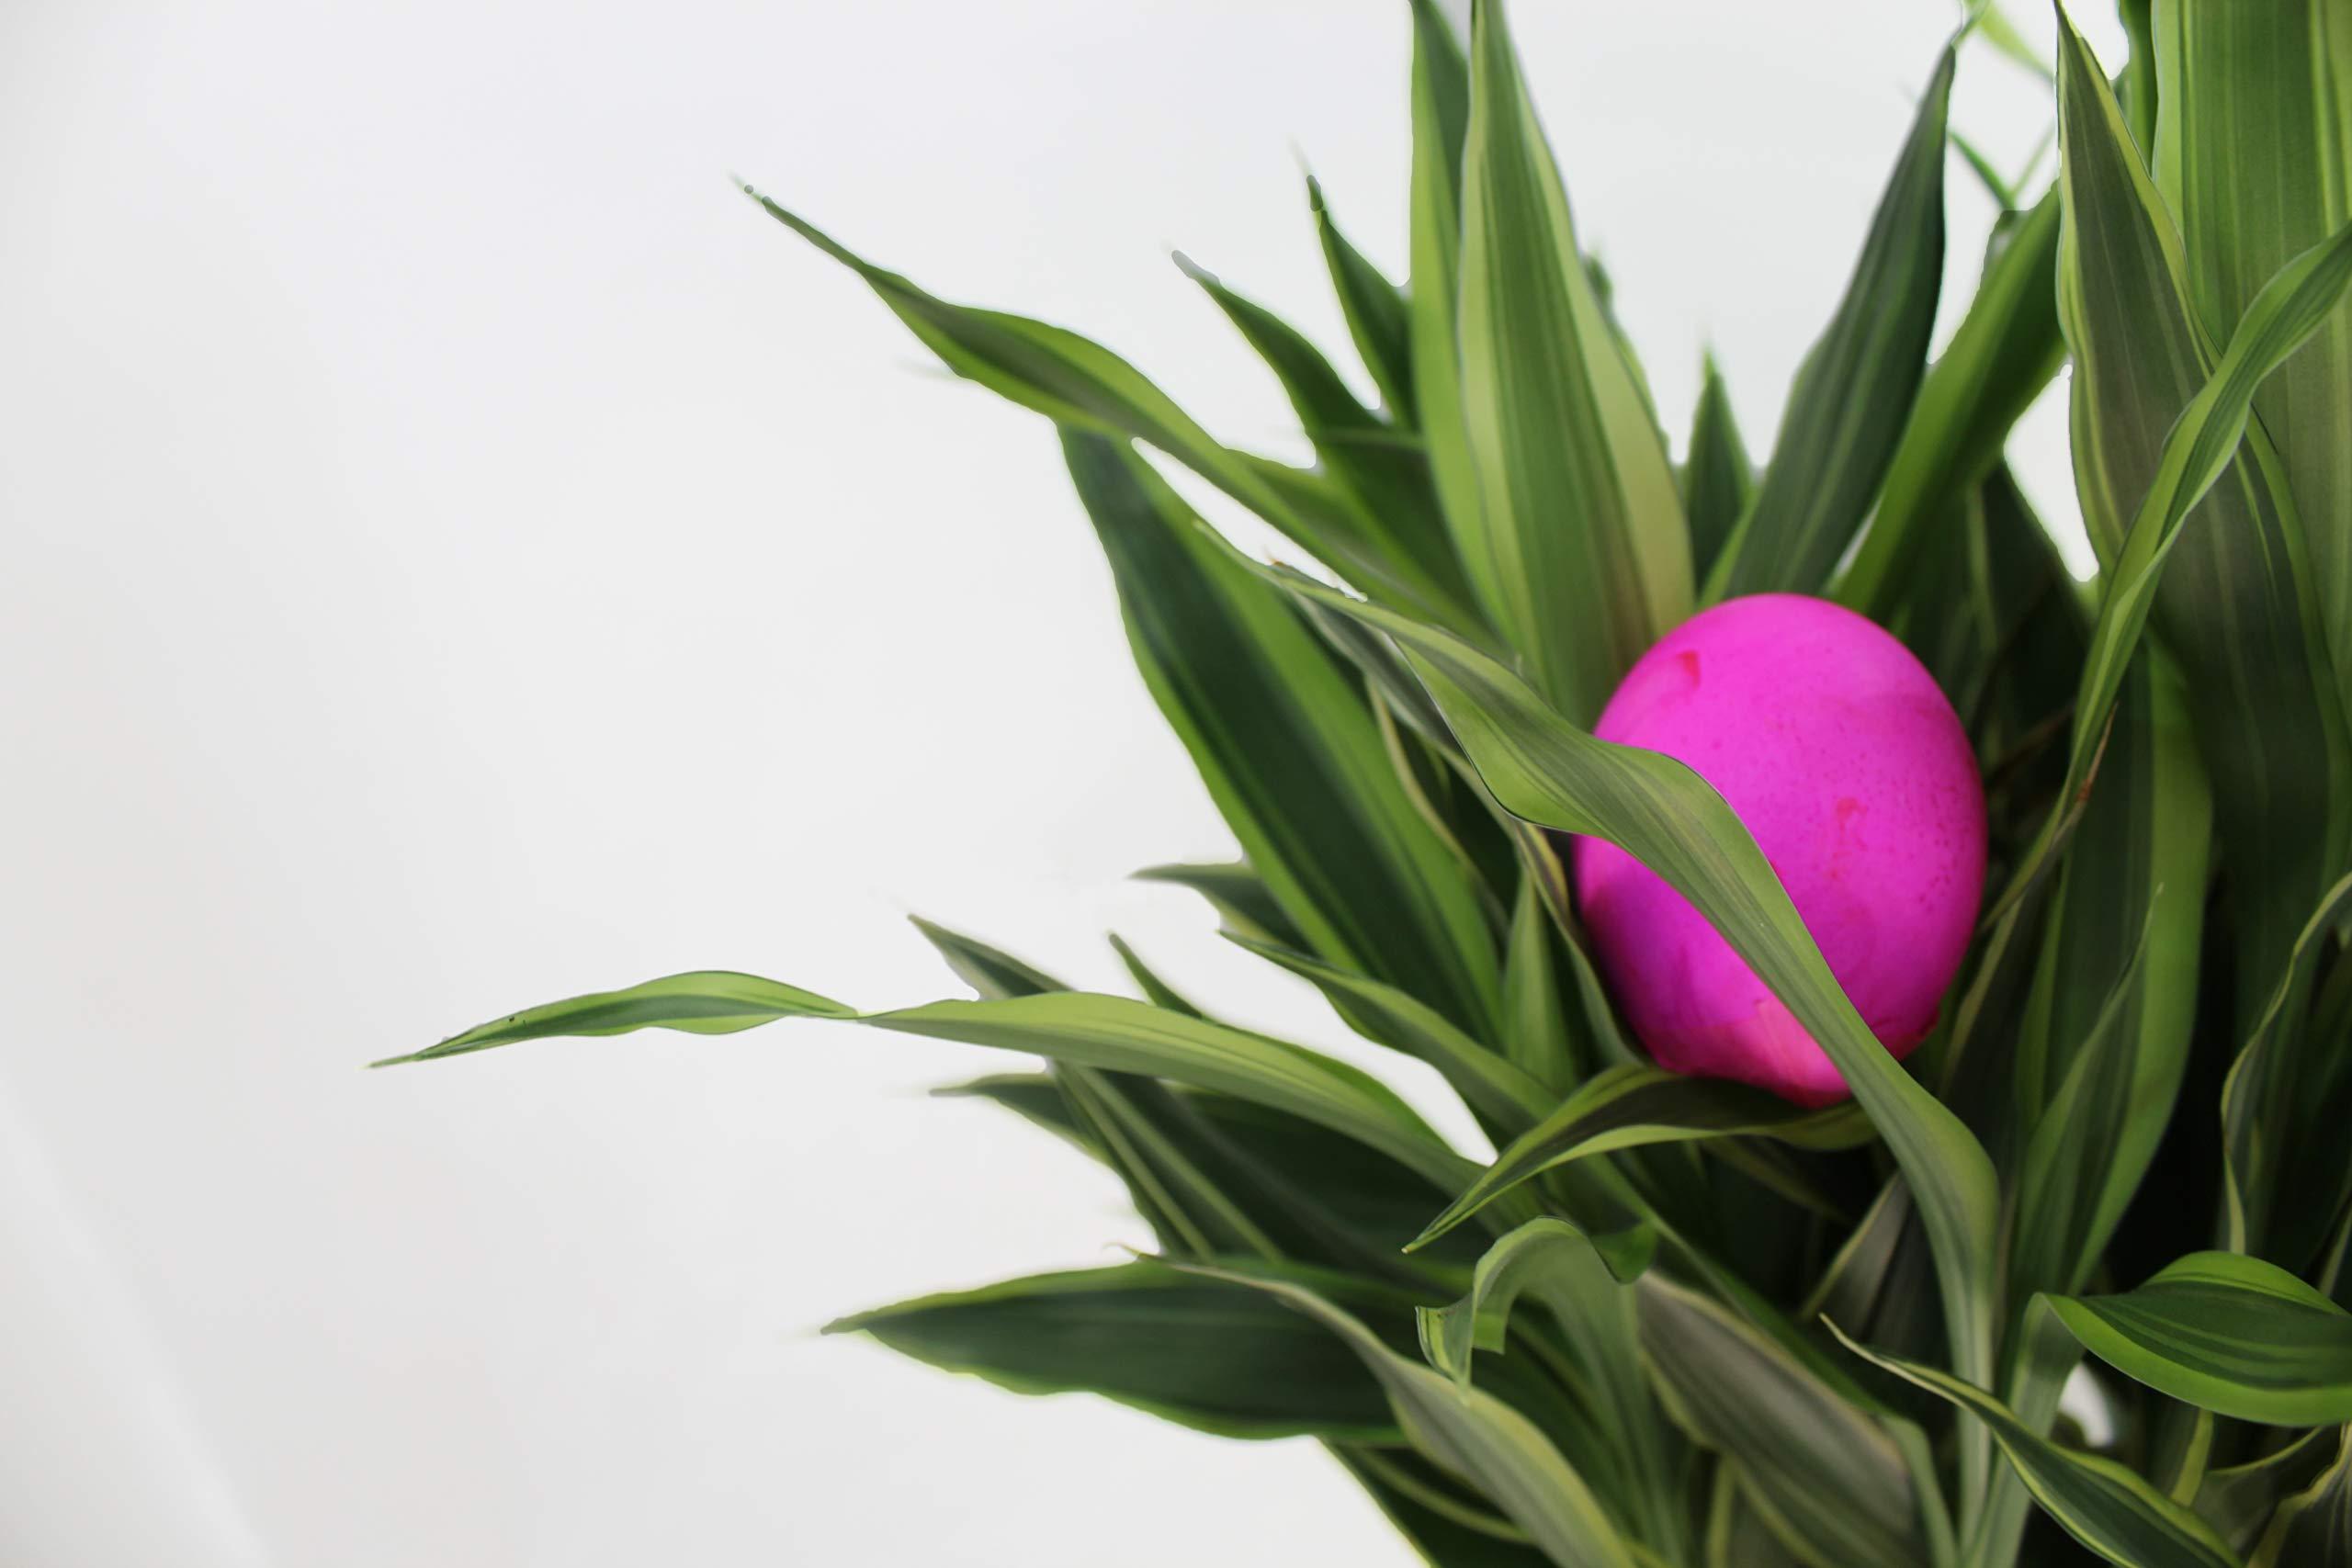 Confetti Eggs Cascarones, Multicolored, 240 Count, Party Game for Easter, San Antonio Fiesta Week, Cinco de Mayo or Birthday Party by Pinatas (Image #6)